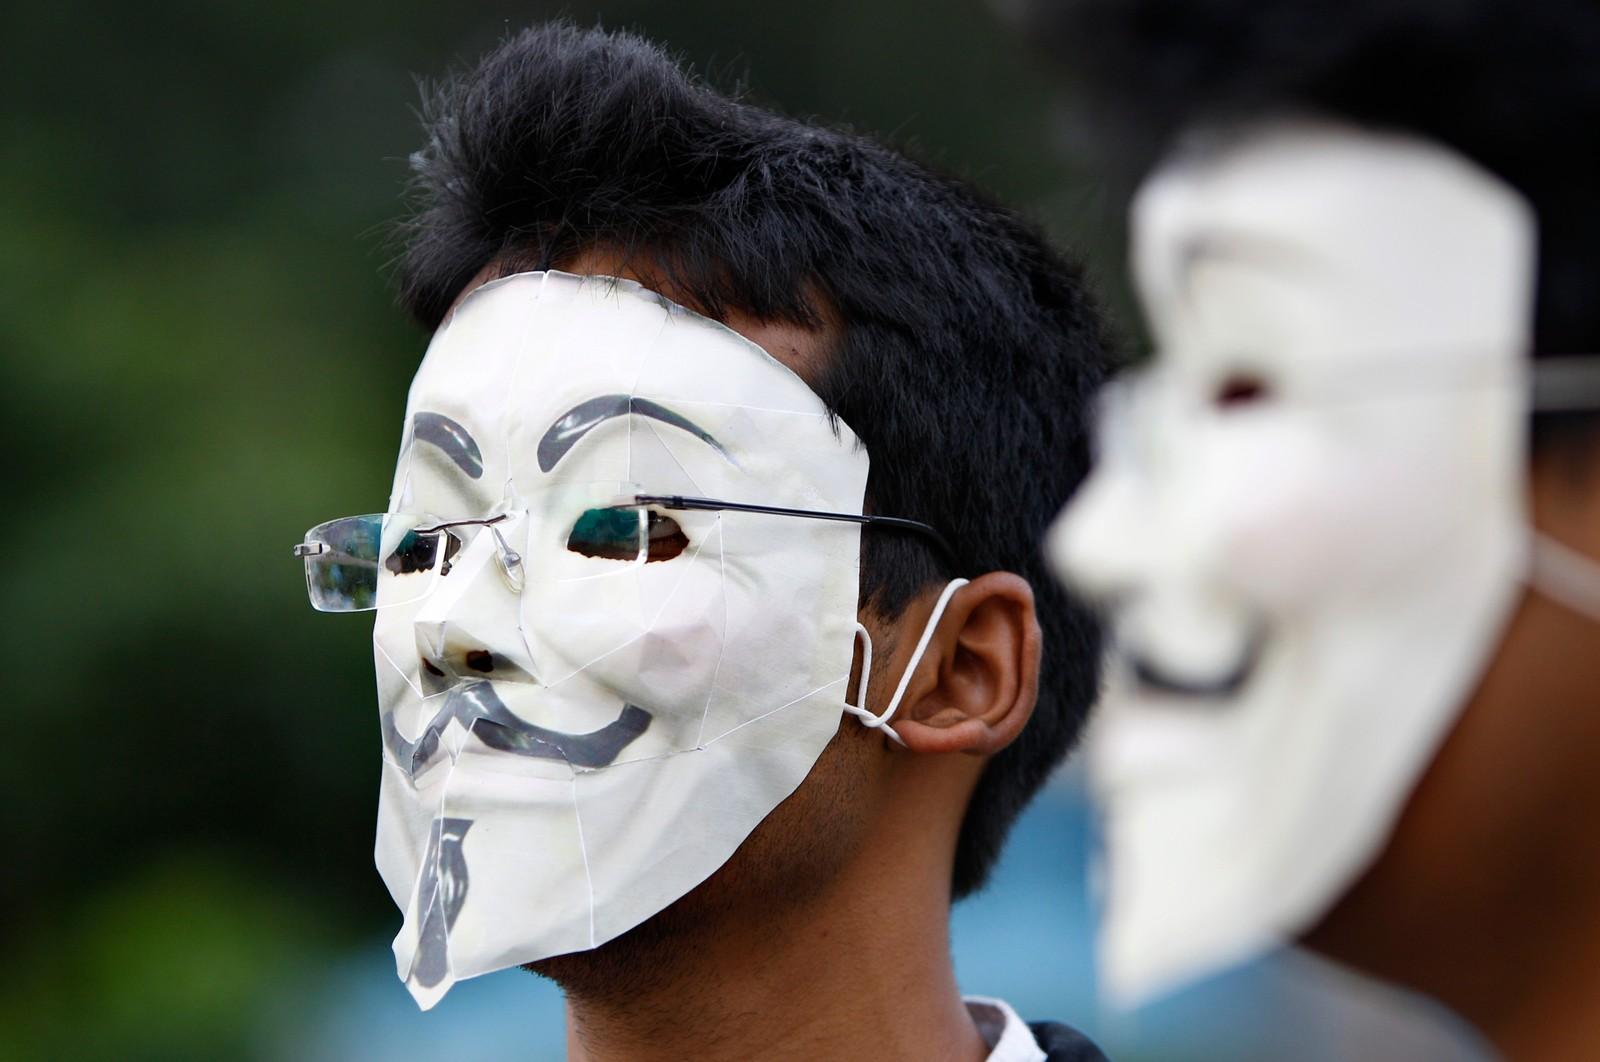 Hackergruppa Anonymous truet i 2012 med å angripe Vatikanet etter at Pave Benedicts butler Paolo Gabriele ble dømt til 18 måneders fengsel.